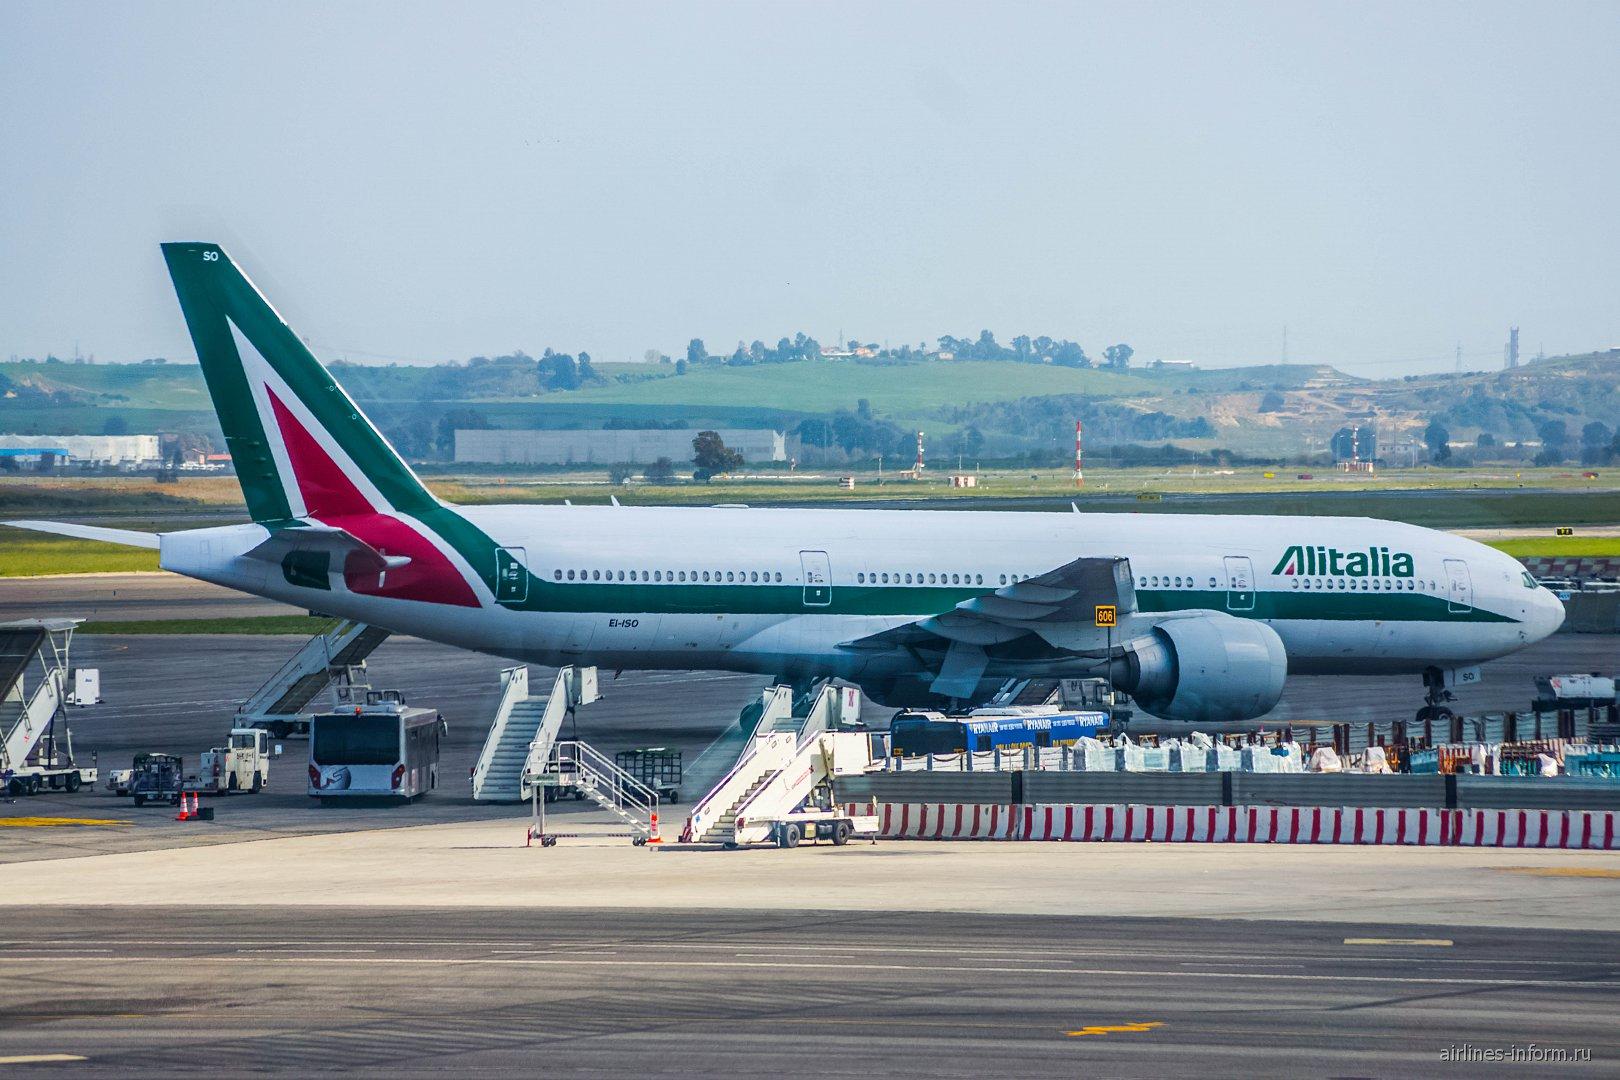 Боинг-777-200 авиакомпании Alitalia в аэропорту Рим Фьюмичино